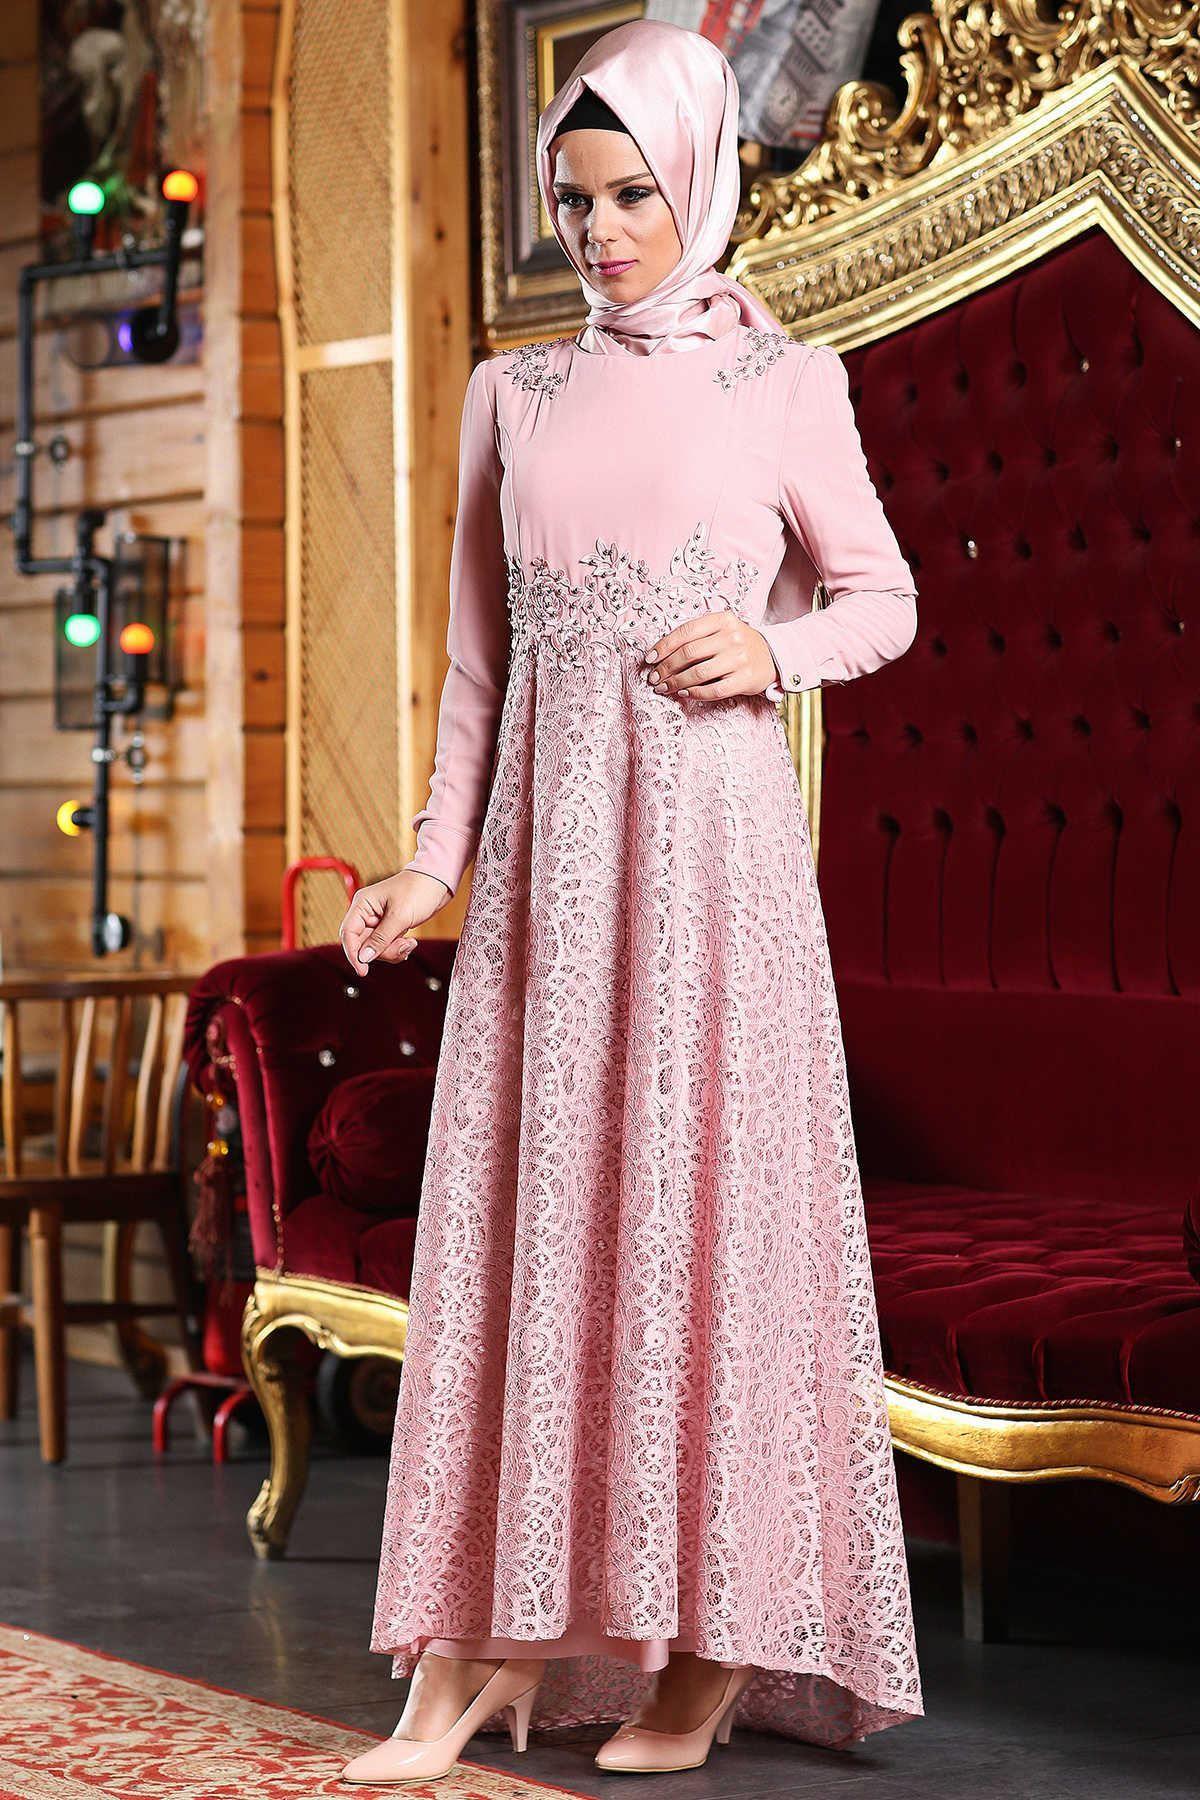 Sik Ve Modern Patirti Tesettur Abiye Elbise Modelleri Moda Tesettur Giyim Elbise Modelleri Moda Stilleri Elbise